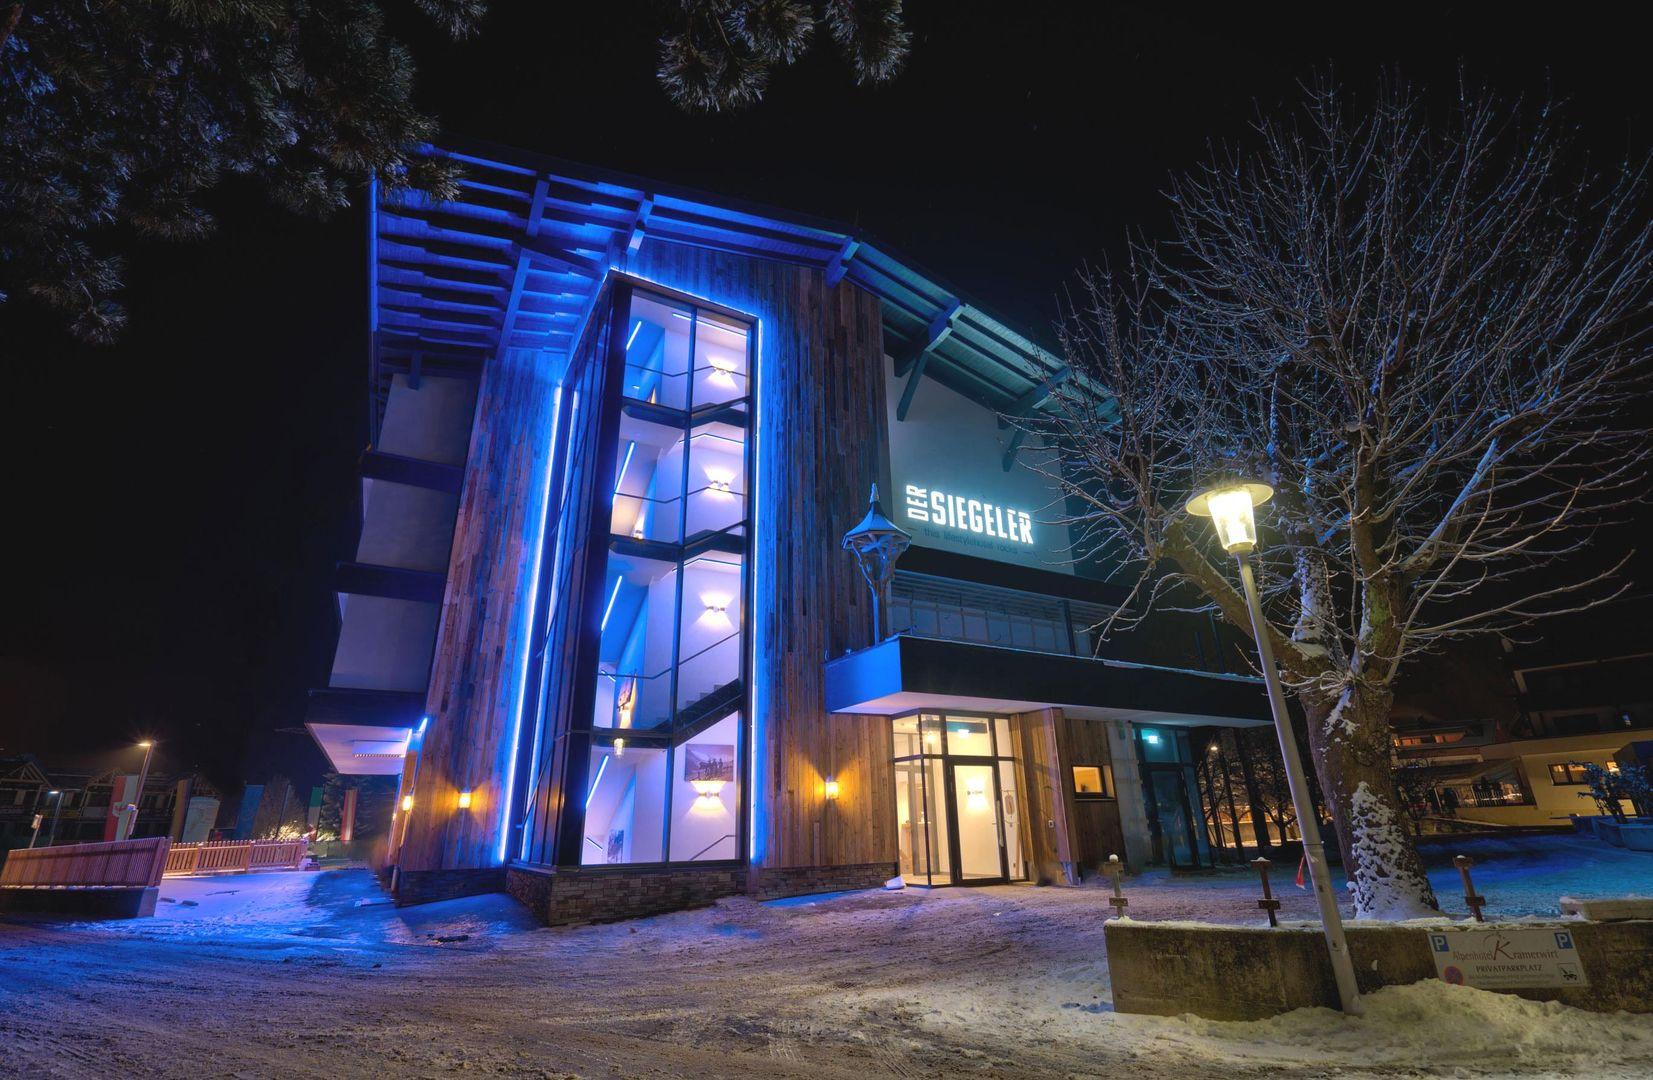 Mayrhofen - Der Siegeler  this lifestylehotel rocks